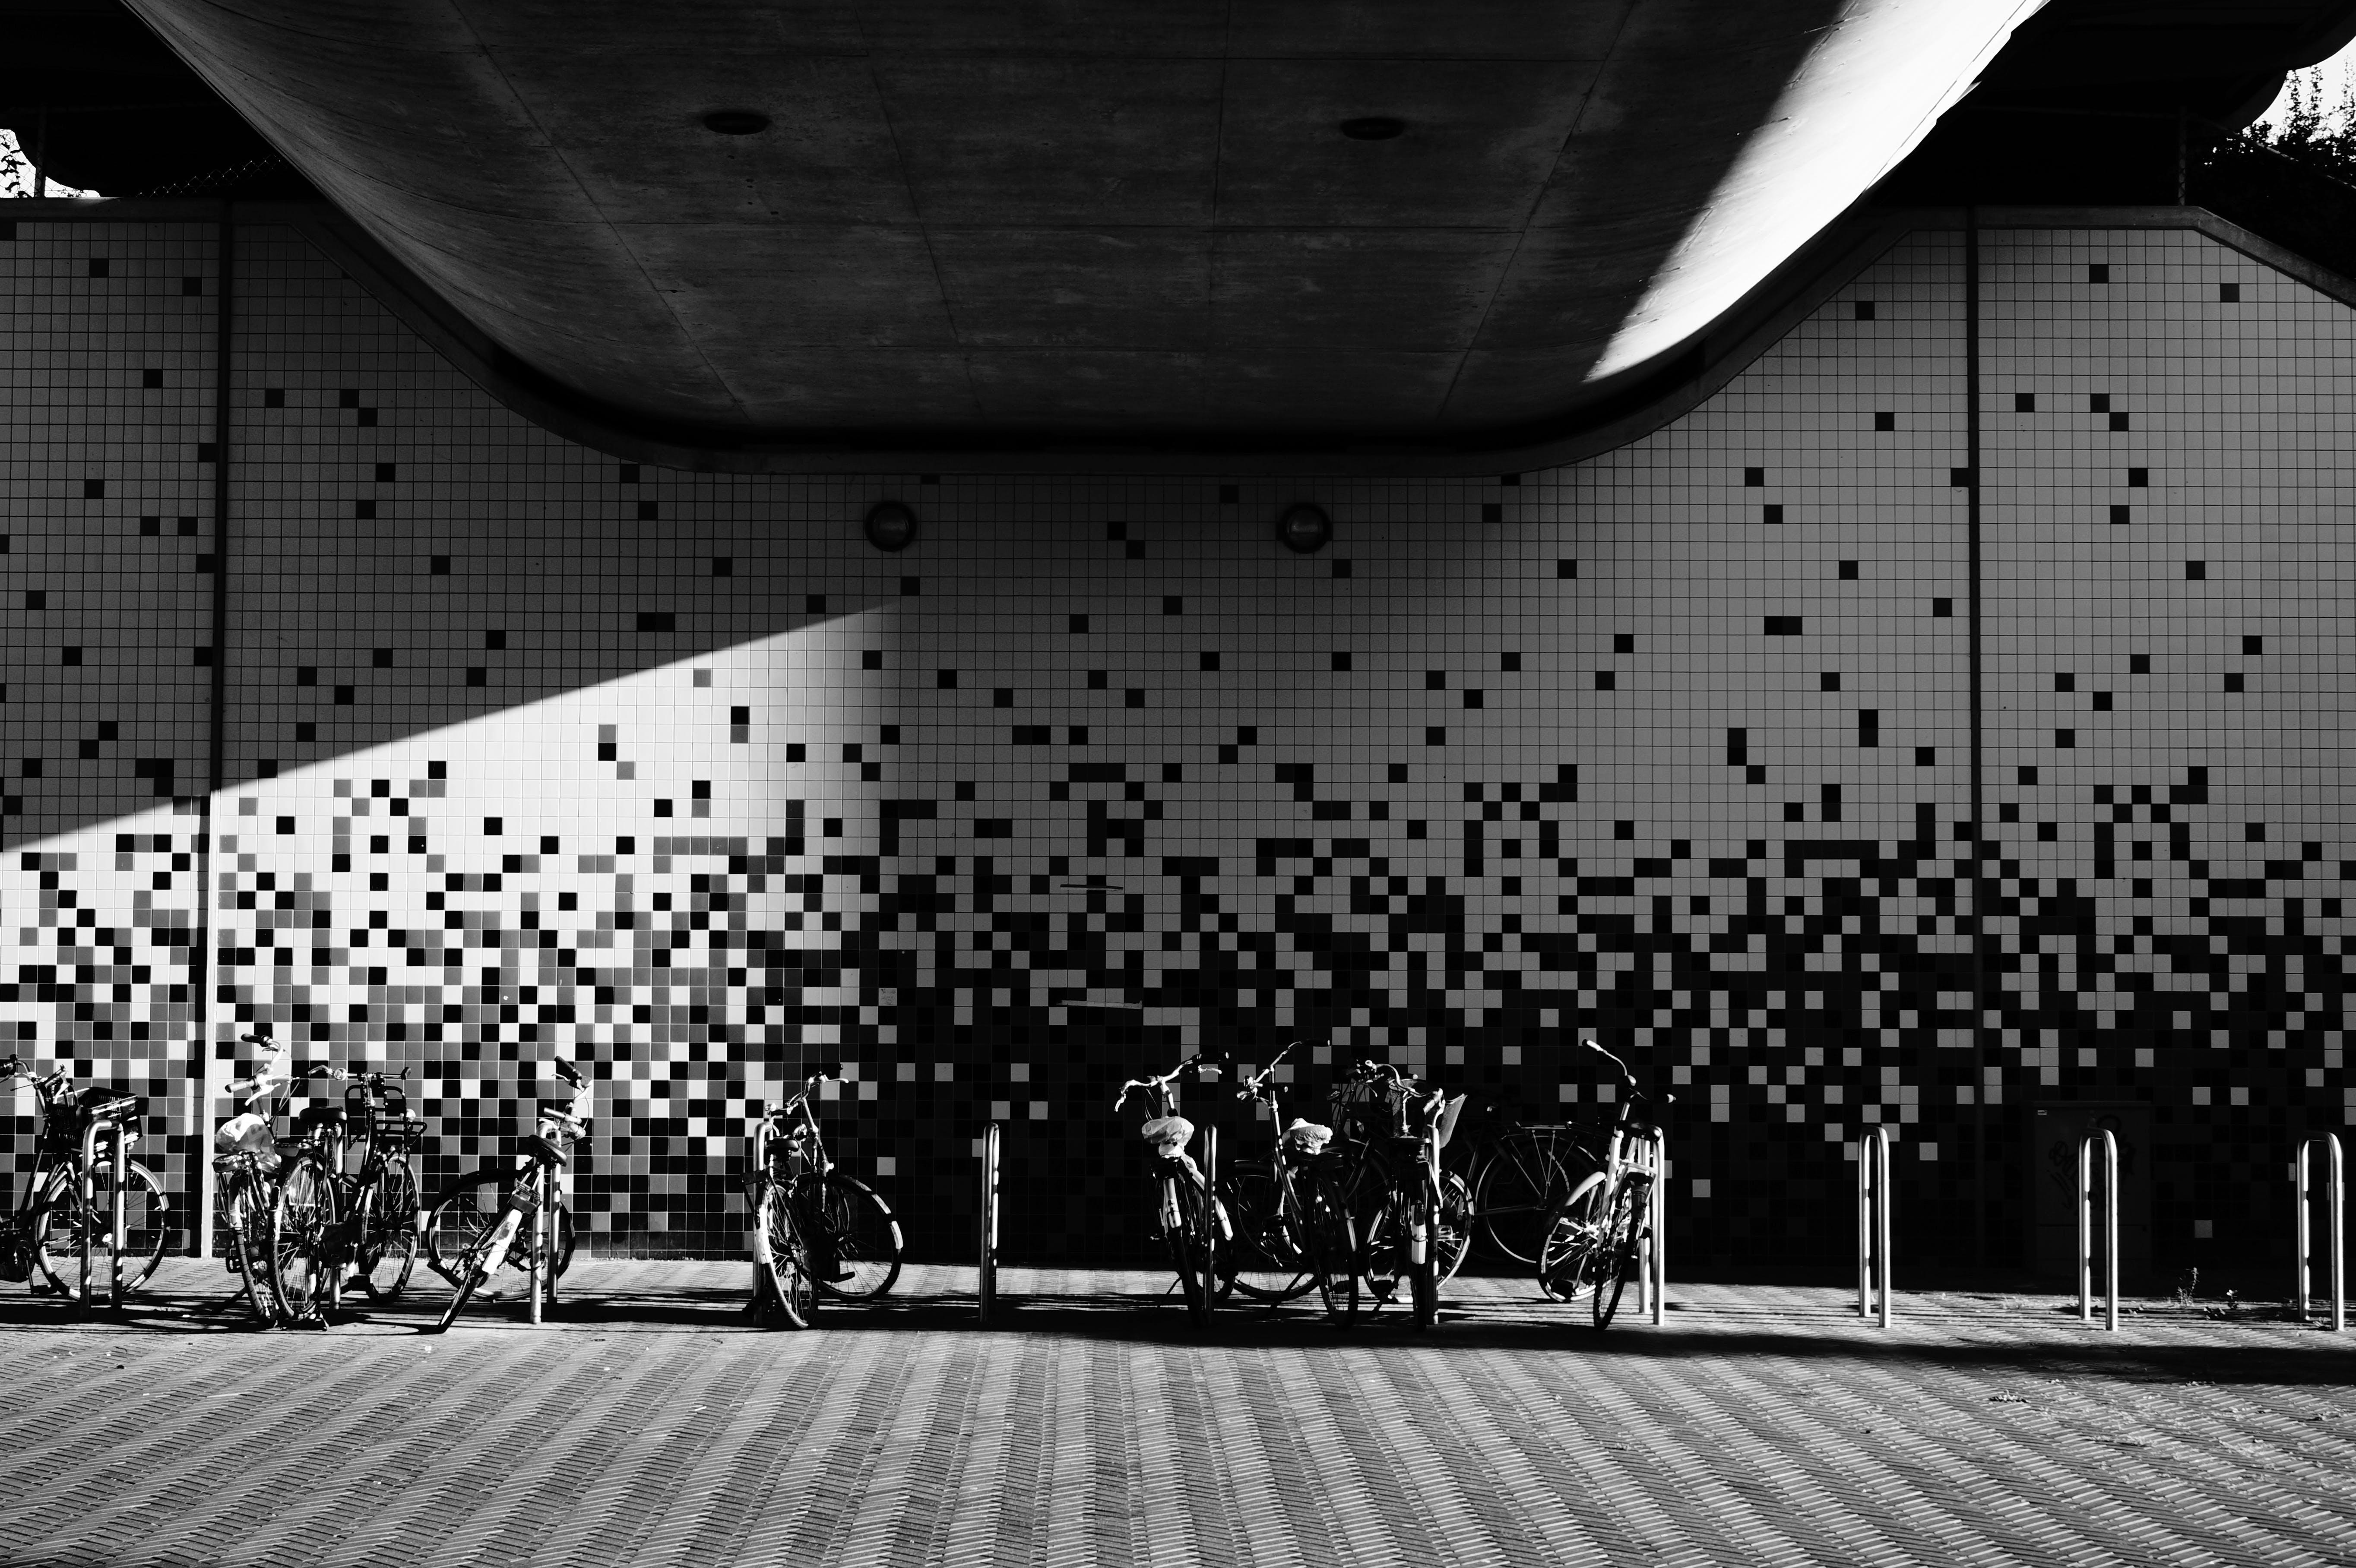 Arnavut kaldırımlı sokak, bisikletler, fayanslar, siyah ve beyaz içeren Ücretsiz stok fotoğraf